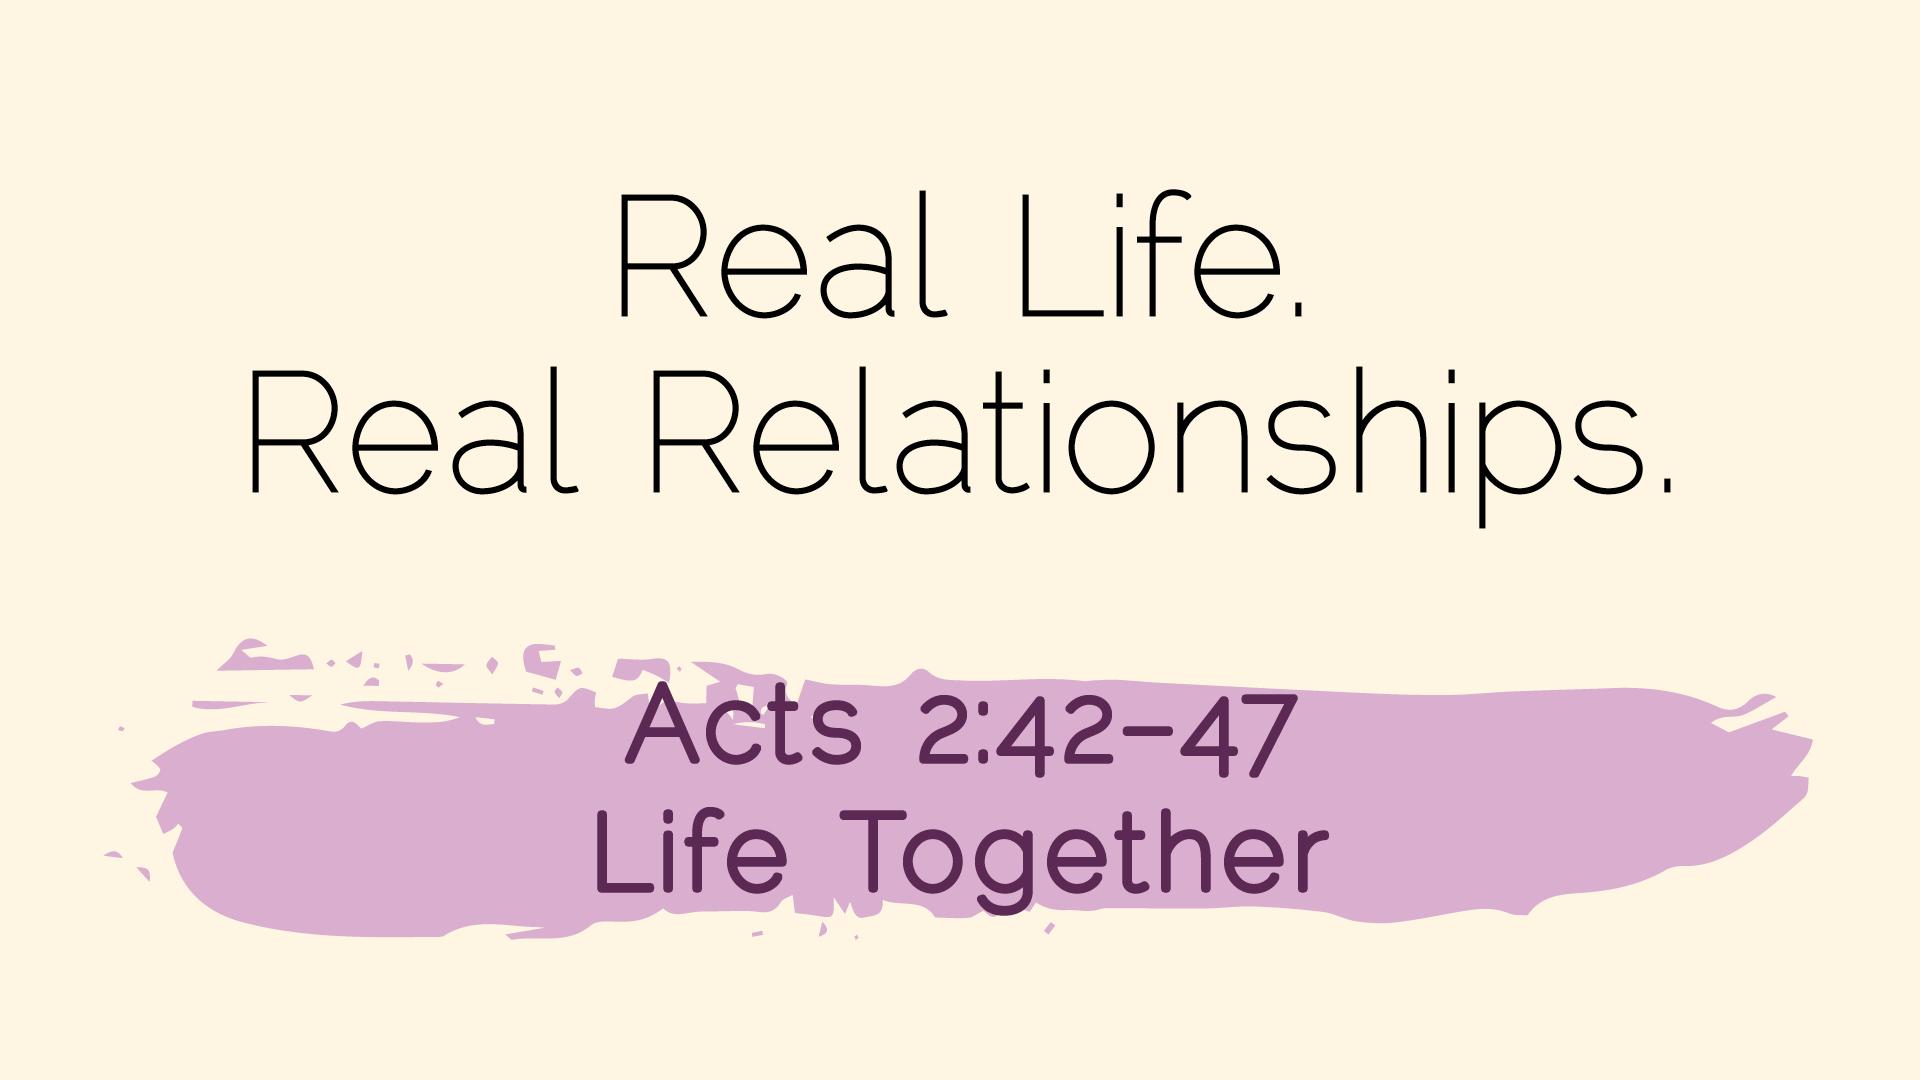 Real Life Feb14